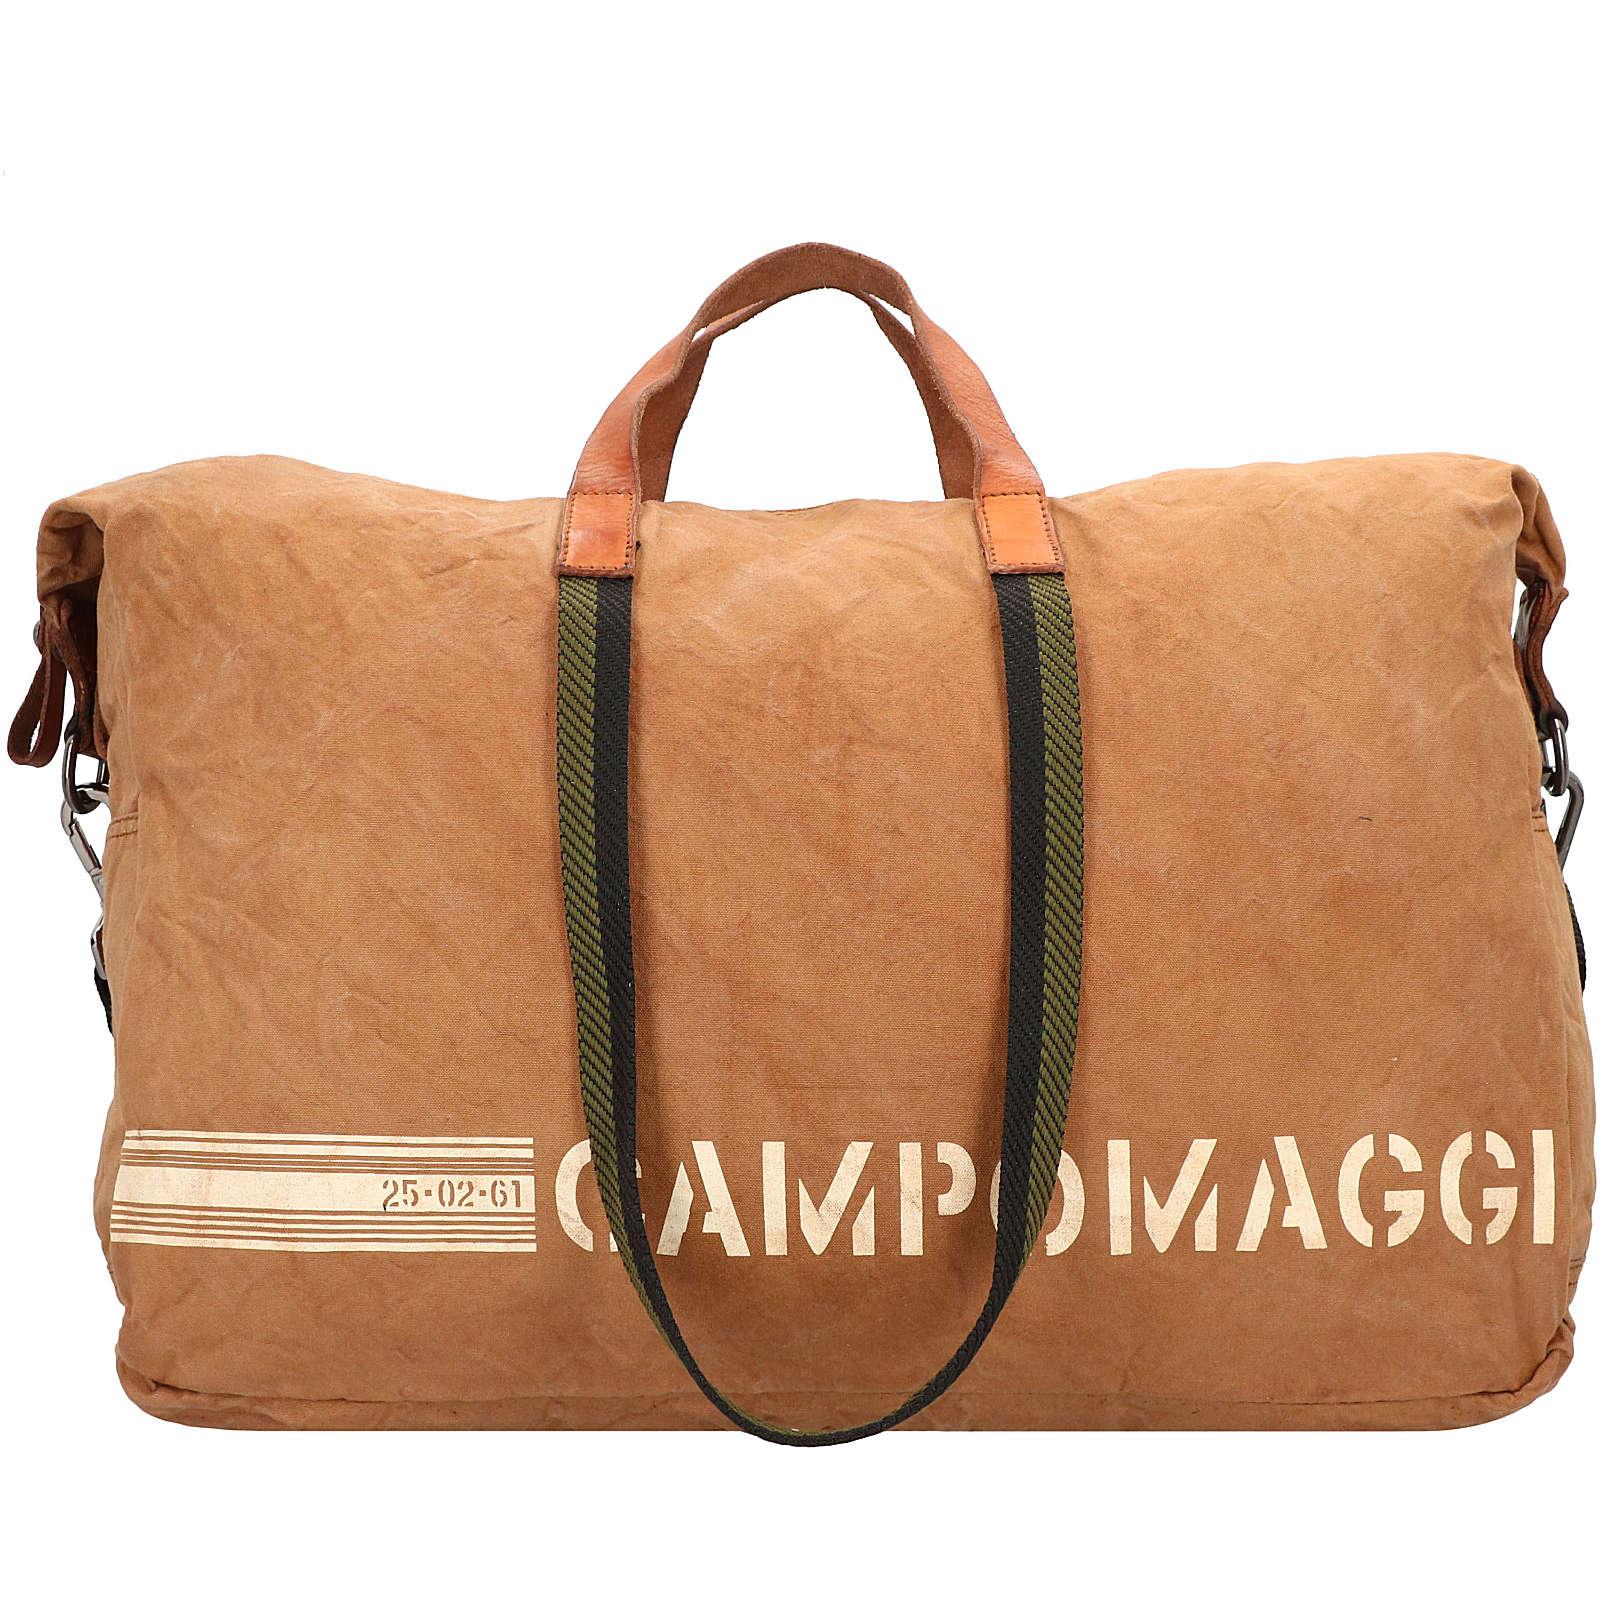 Campomaggi Borsone Weekender Reisetasche 48 cm Reisetaschen braun Damen